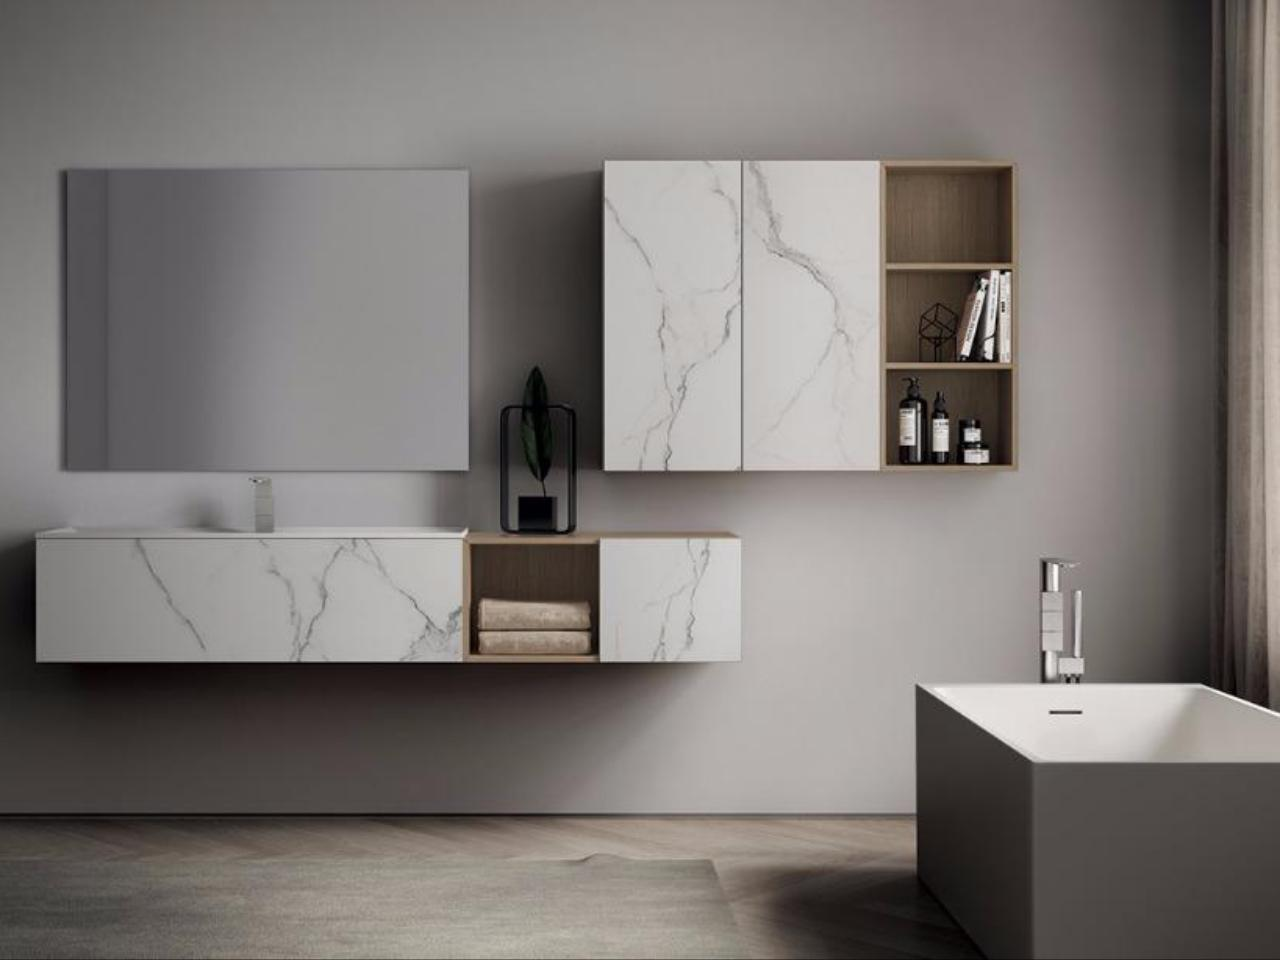 Bagnoidea prodotti e tendenze per arredare il bagno - Mobili bagno di design ...